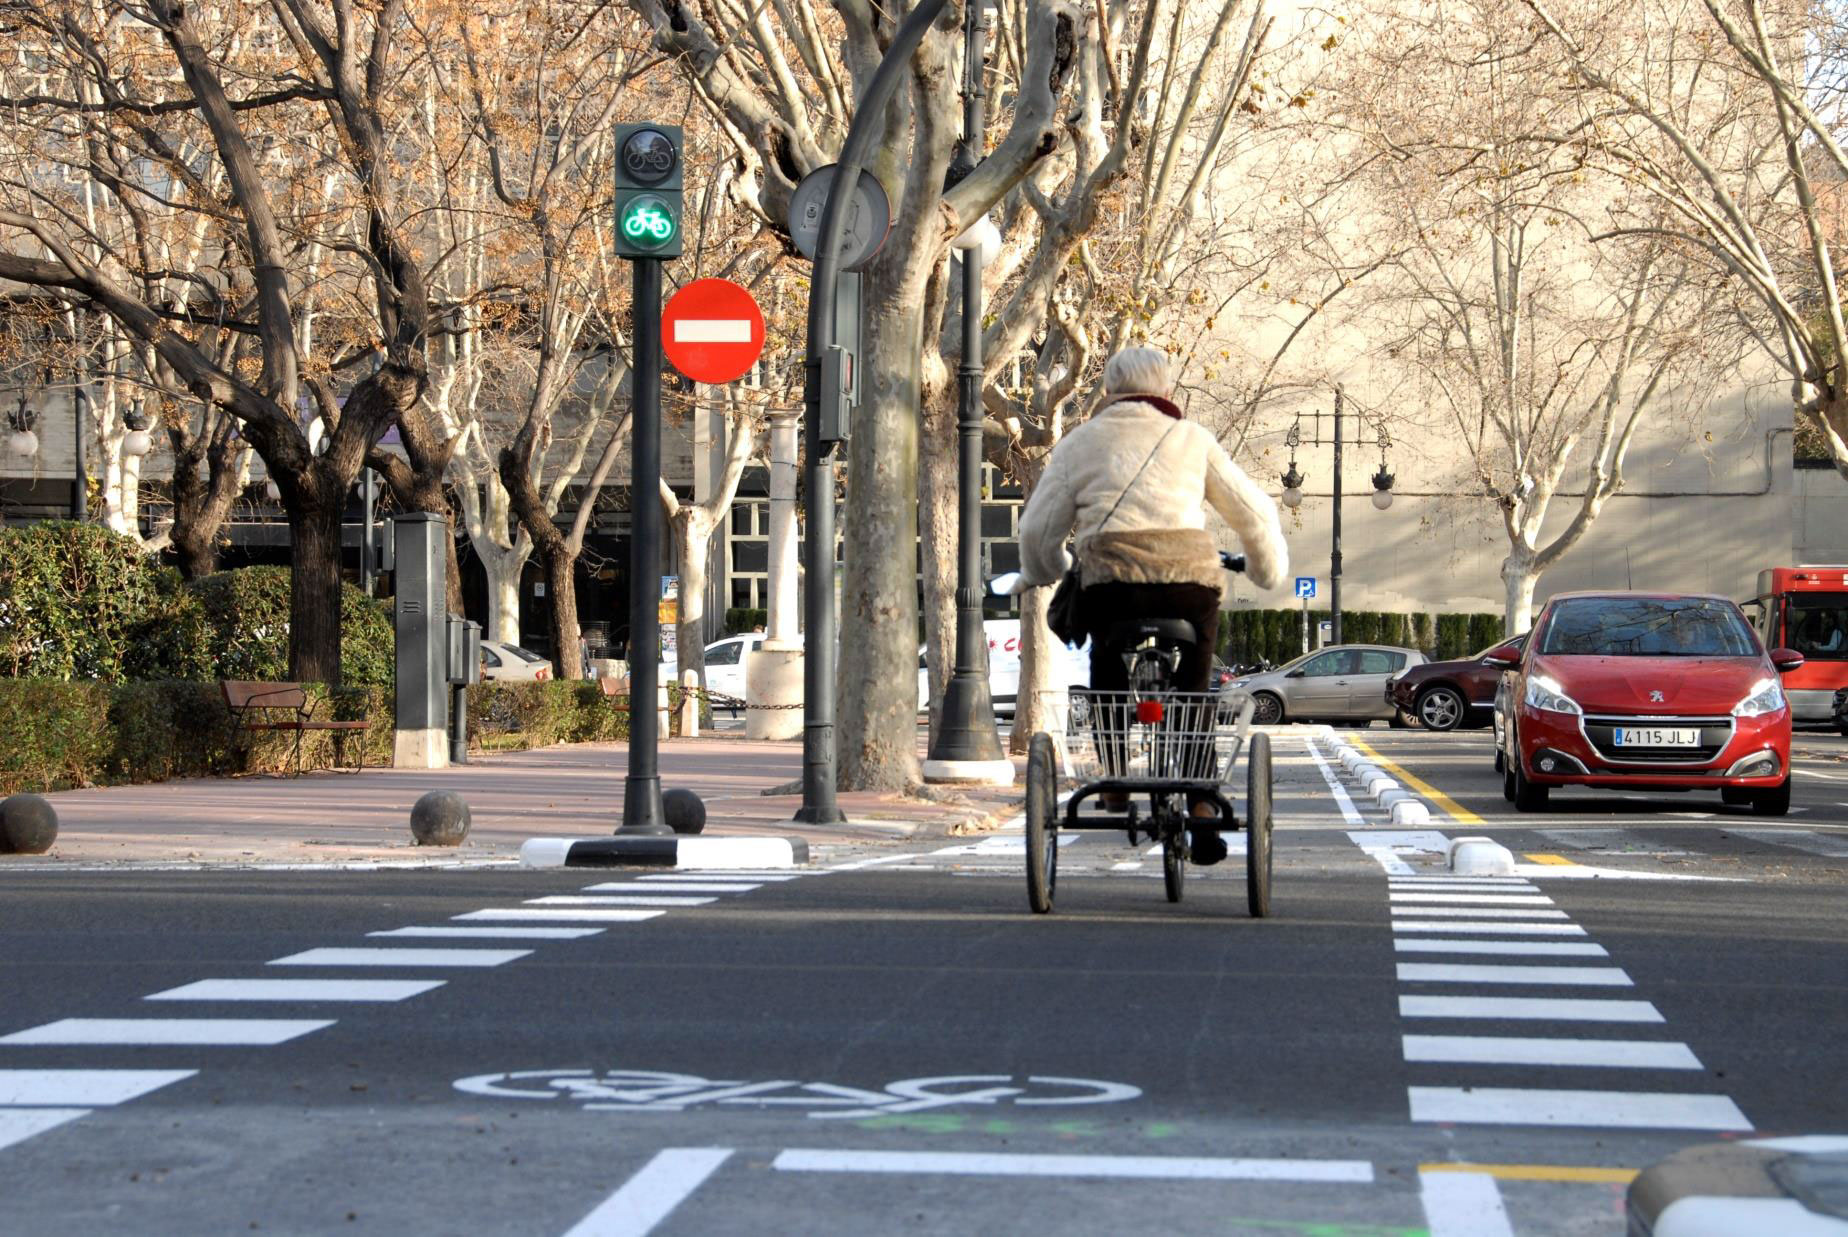 Primer Informe de l'Ús de la Bicicleta a València.